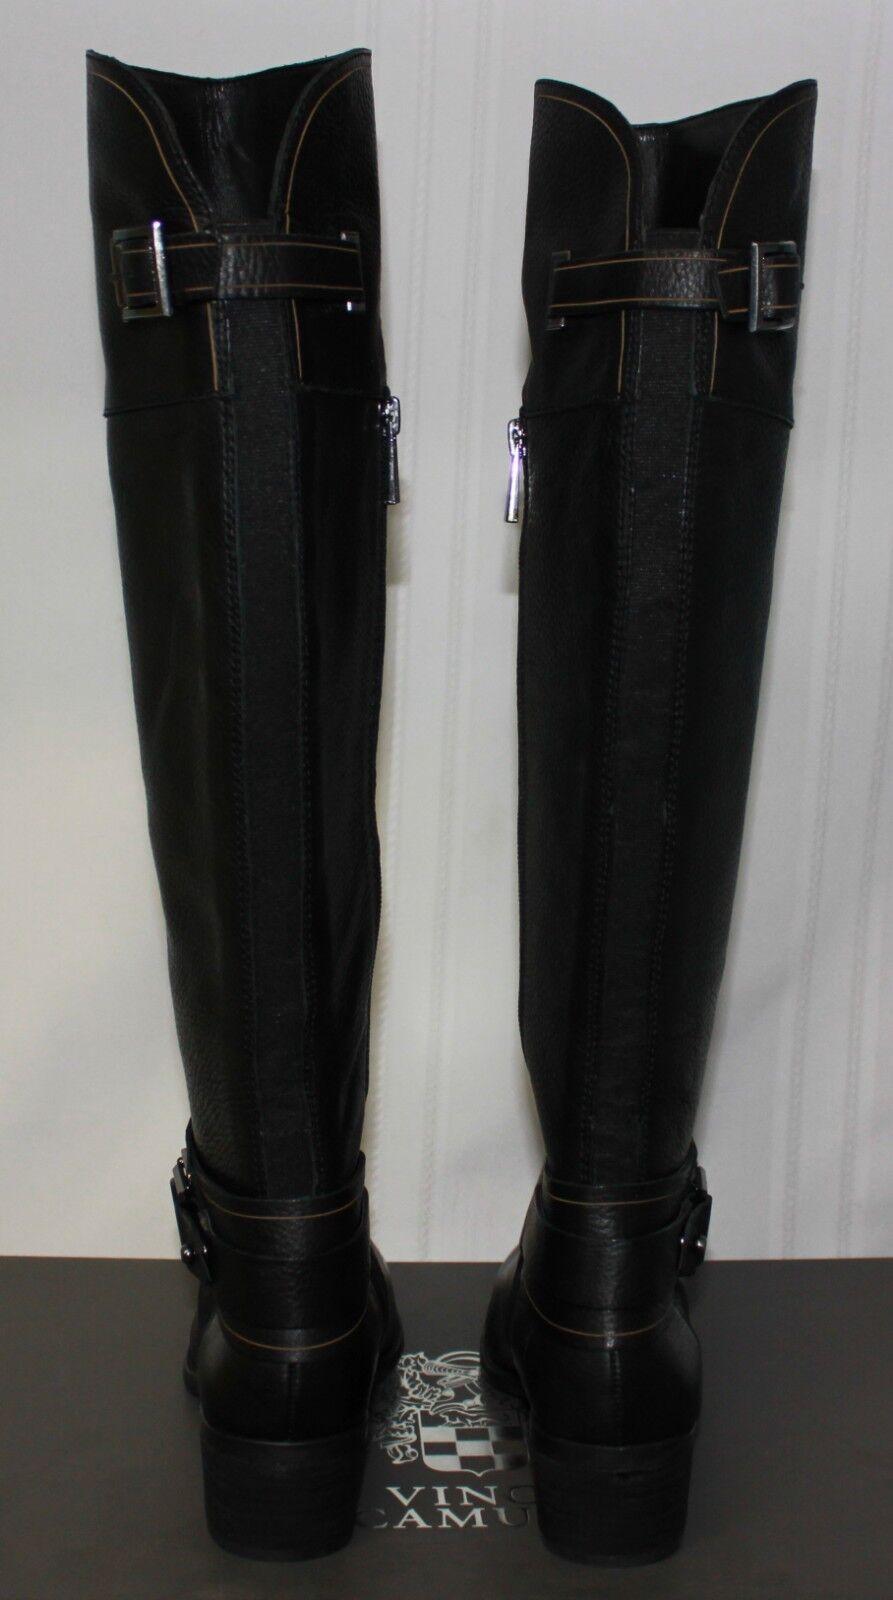 Vince Camuto Basira Cuero Alto botas De Cuero Basira Negro Nuevo Con Caja c54610